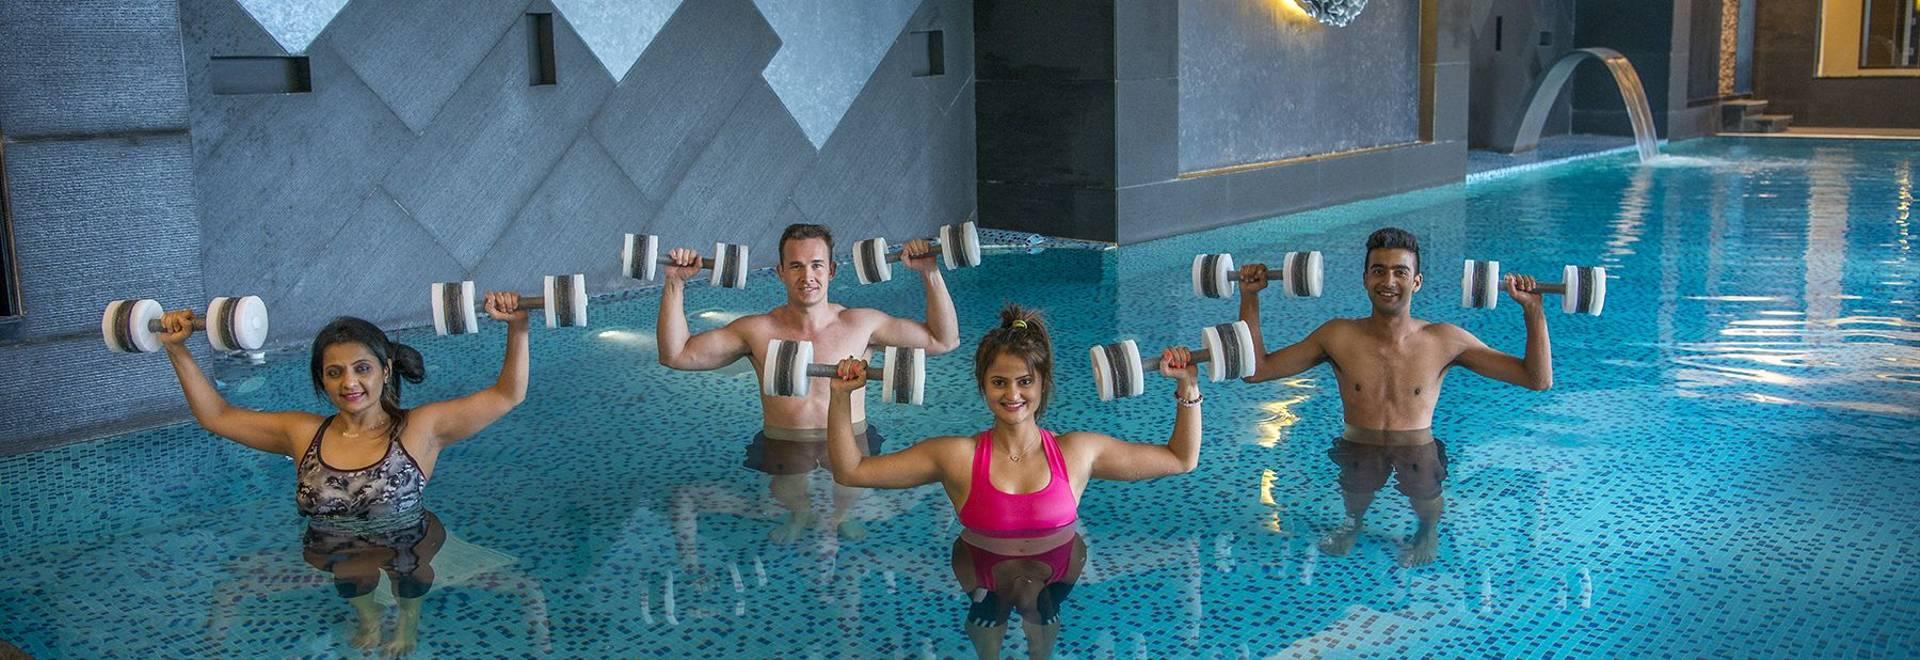 Atmantan-aqua-aerobics.jpg